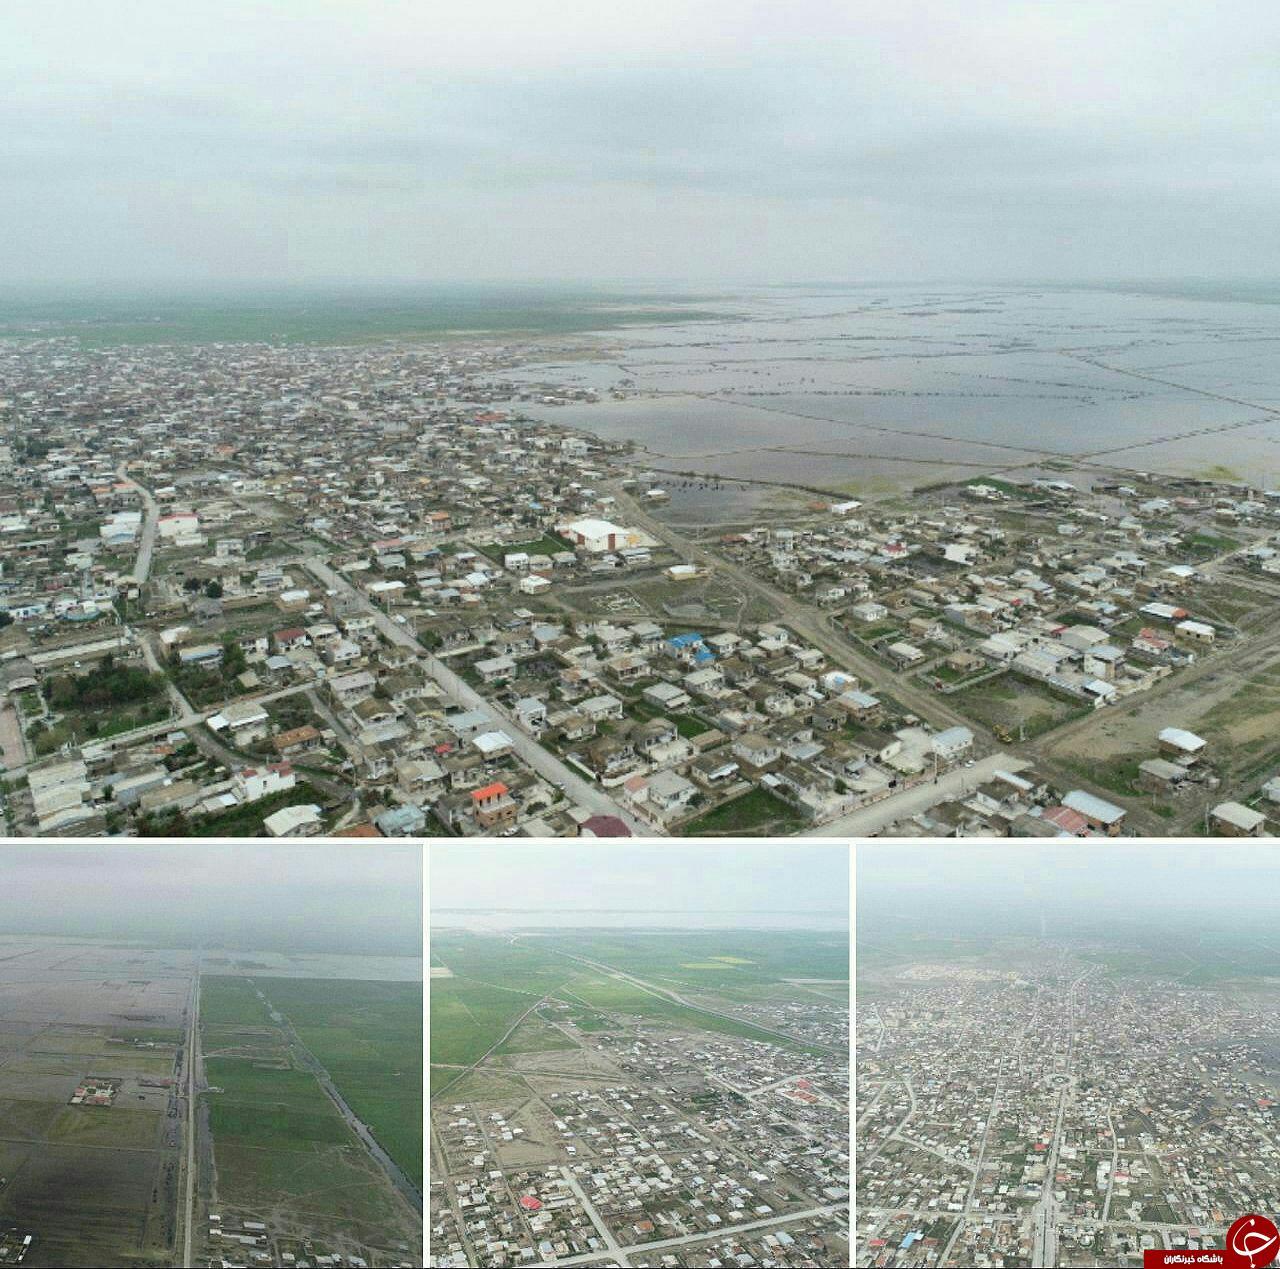 آخرین اخبار از مناطق سیلزده چهارشنبه ۲۱ فروردین ماه/ تخریب۱۲ هزار کیلومتر از راههای کشور در پی وقوع سیلاب/دستور تخلیه شهر اهواز صحت ندارد+تصاویر